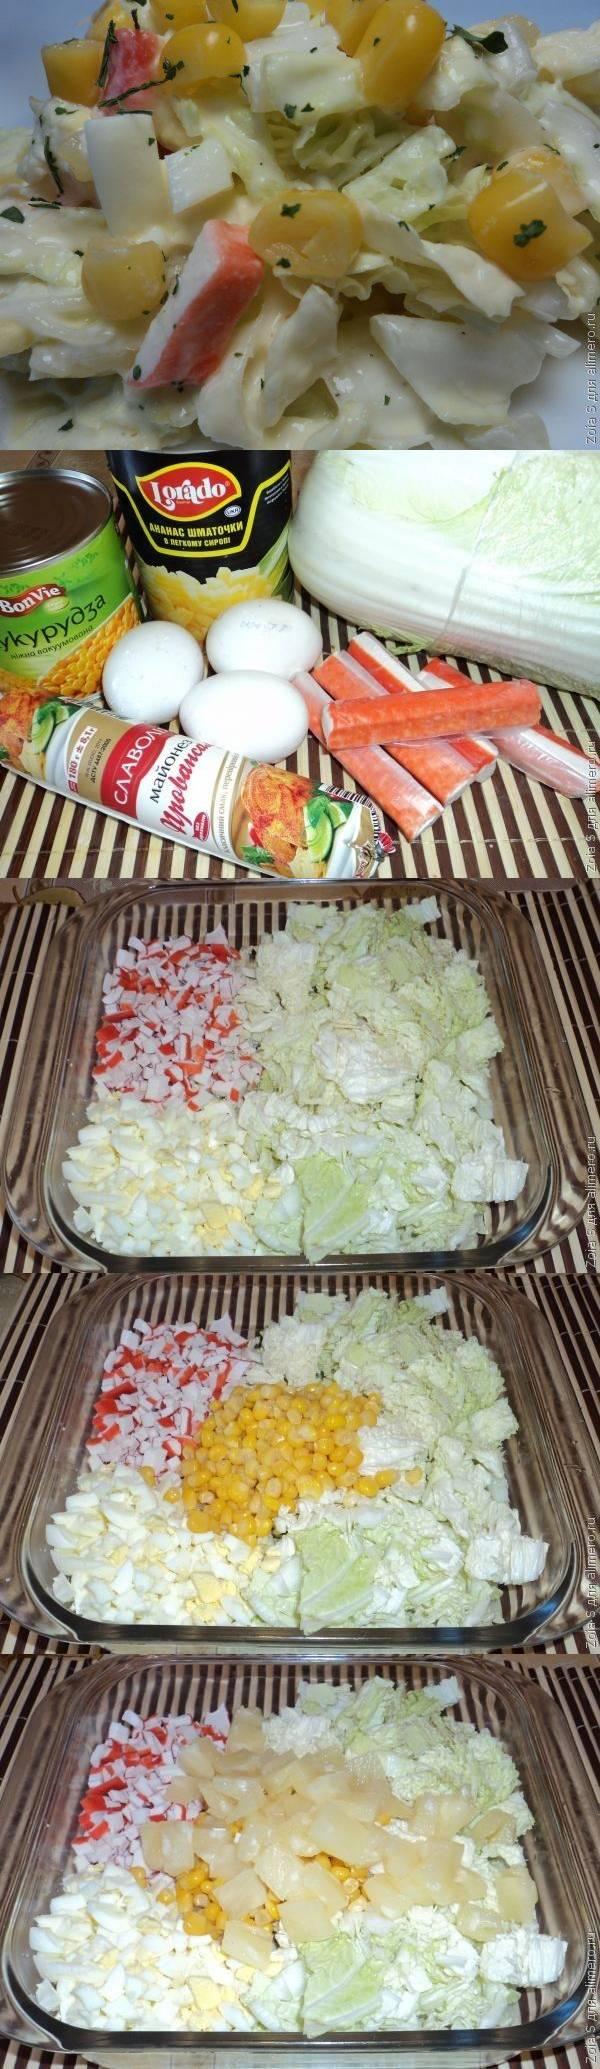 Салат из пекинской капусты с крабовыми палочками и ананасами